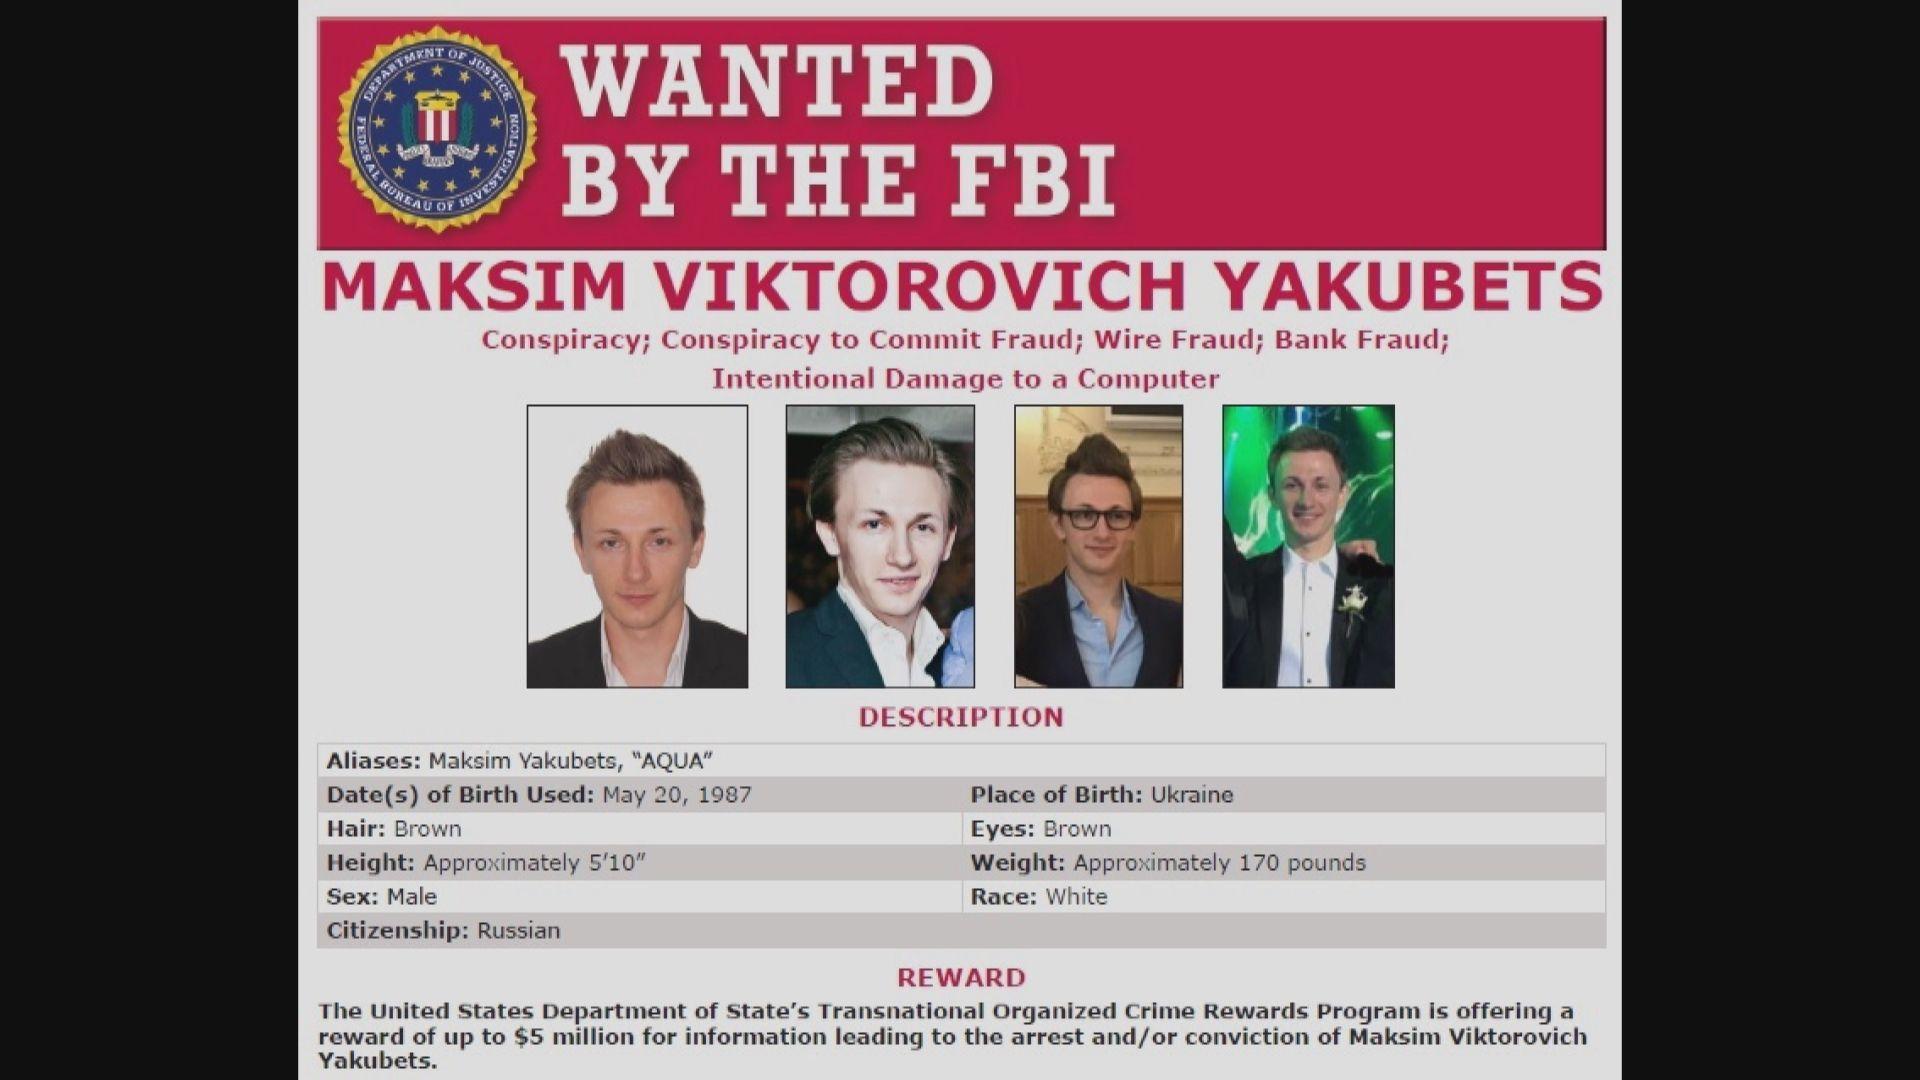 美起訴兩俄羅斯黑客涉盜竊逾億美元